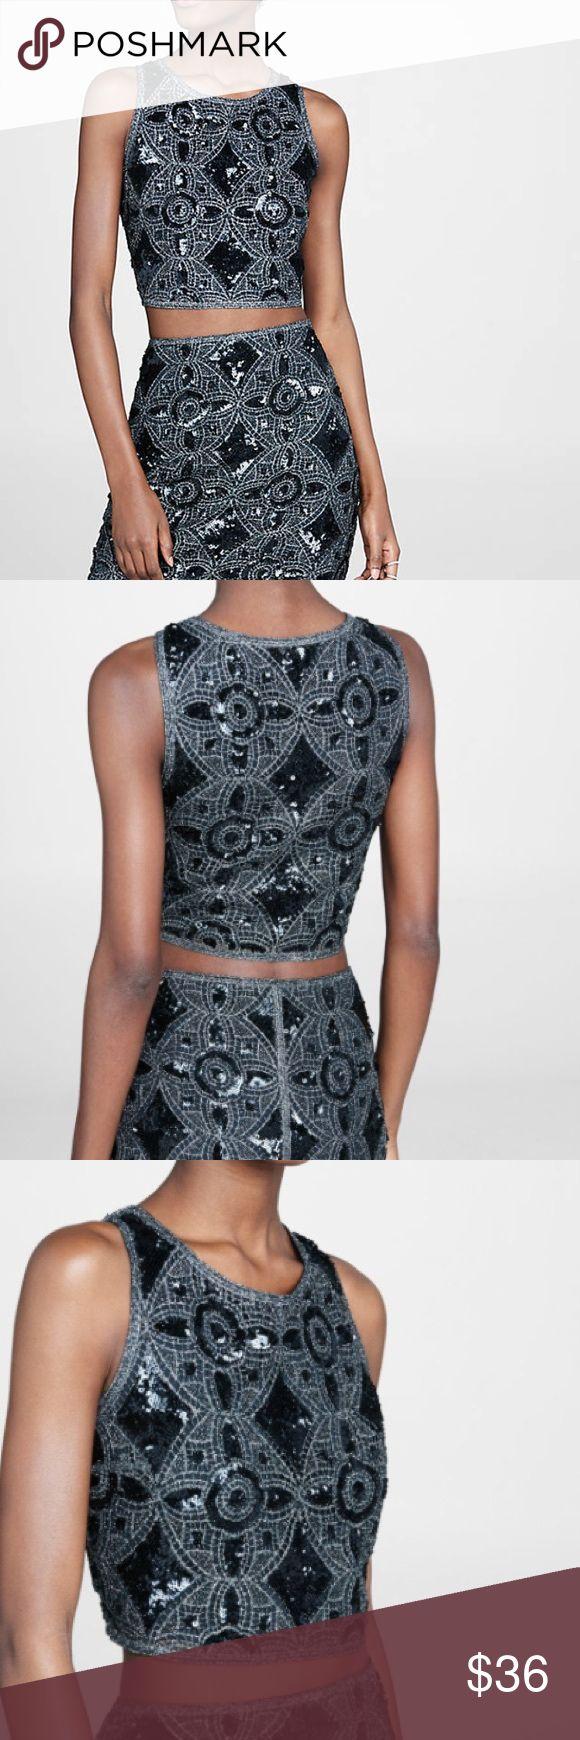 Express Crochet Metallic Crop Top Express  Crochet Metallic Crop Top  NWOT $79 Size M  Runs Slightly Small Express Tops Crop Tops